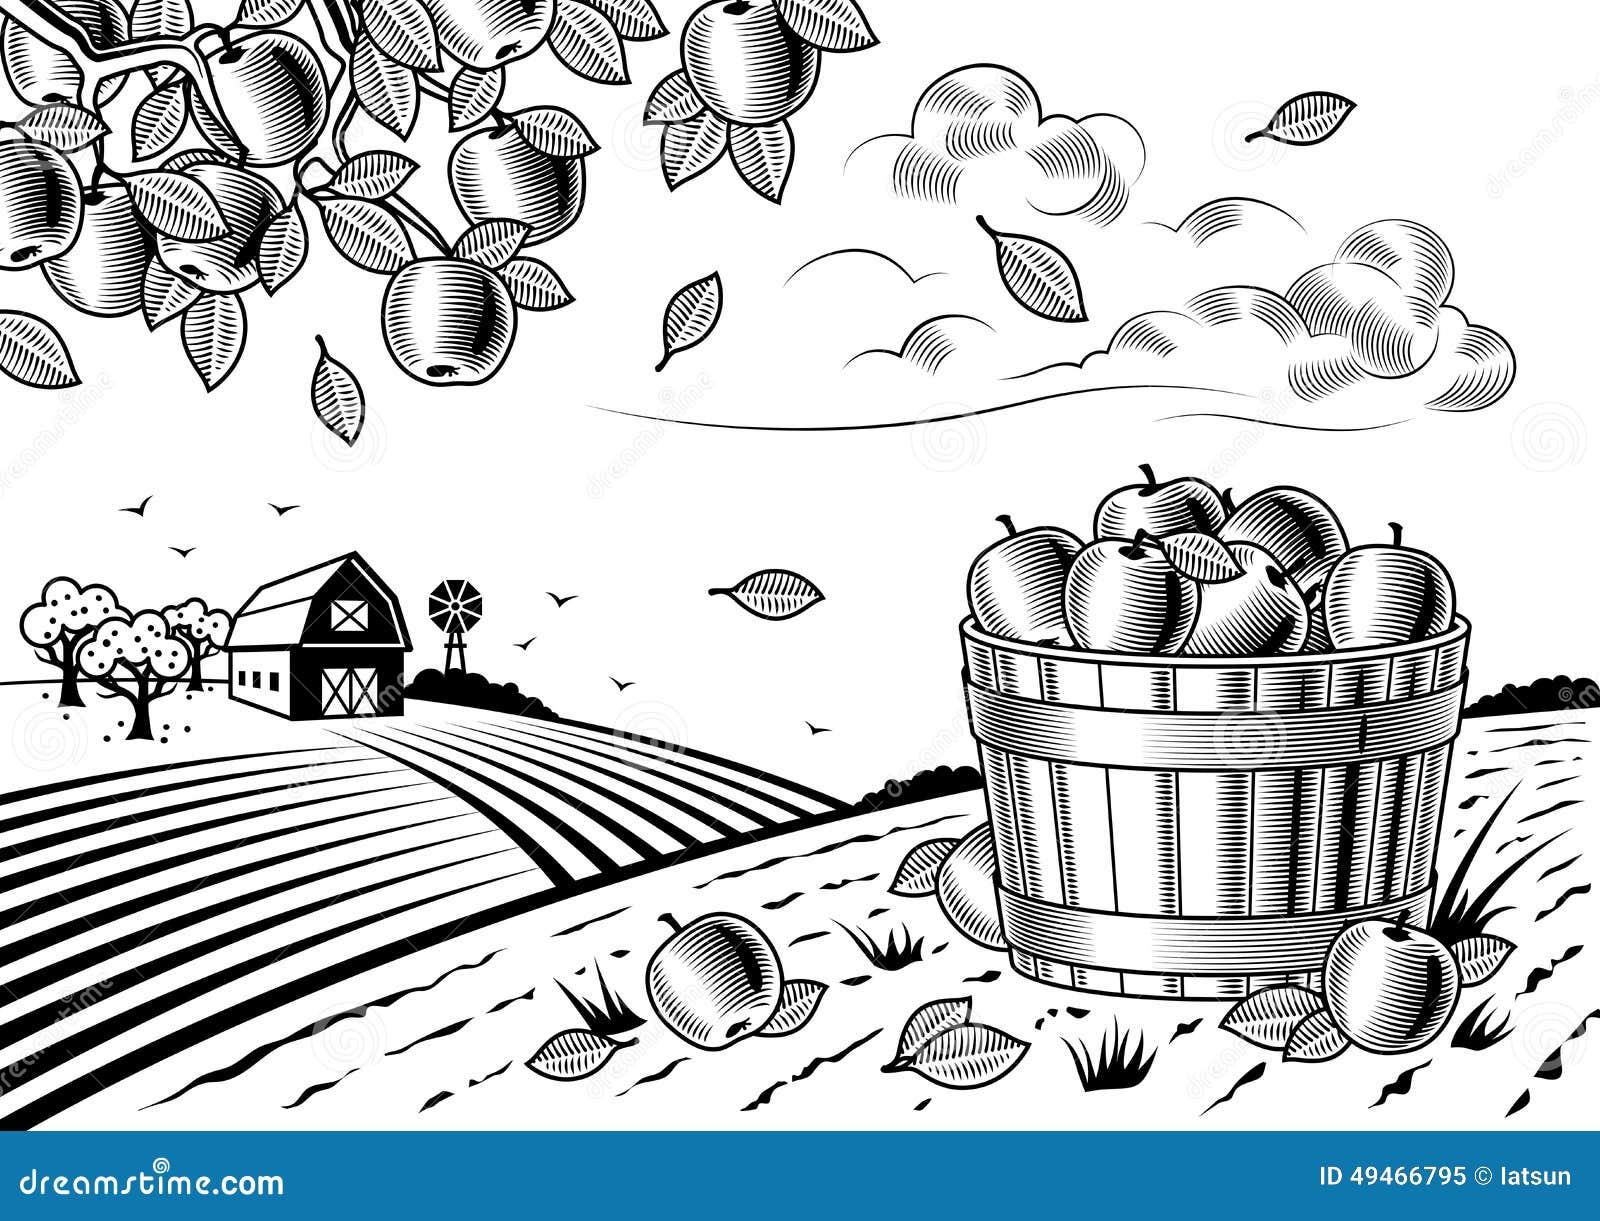 黑白风景手绘图片-风景漫画手绘图片-手绘黑白风景画-彩铅手绘图片图片